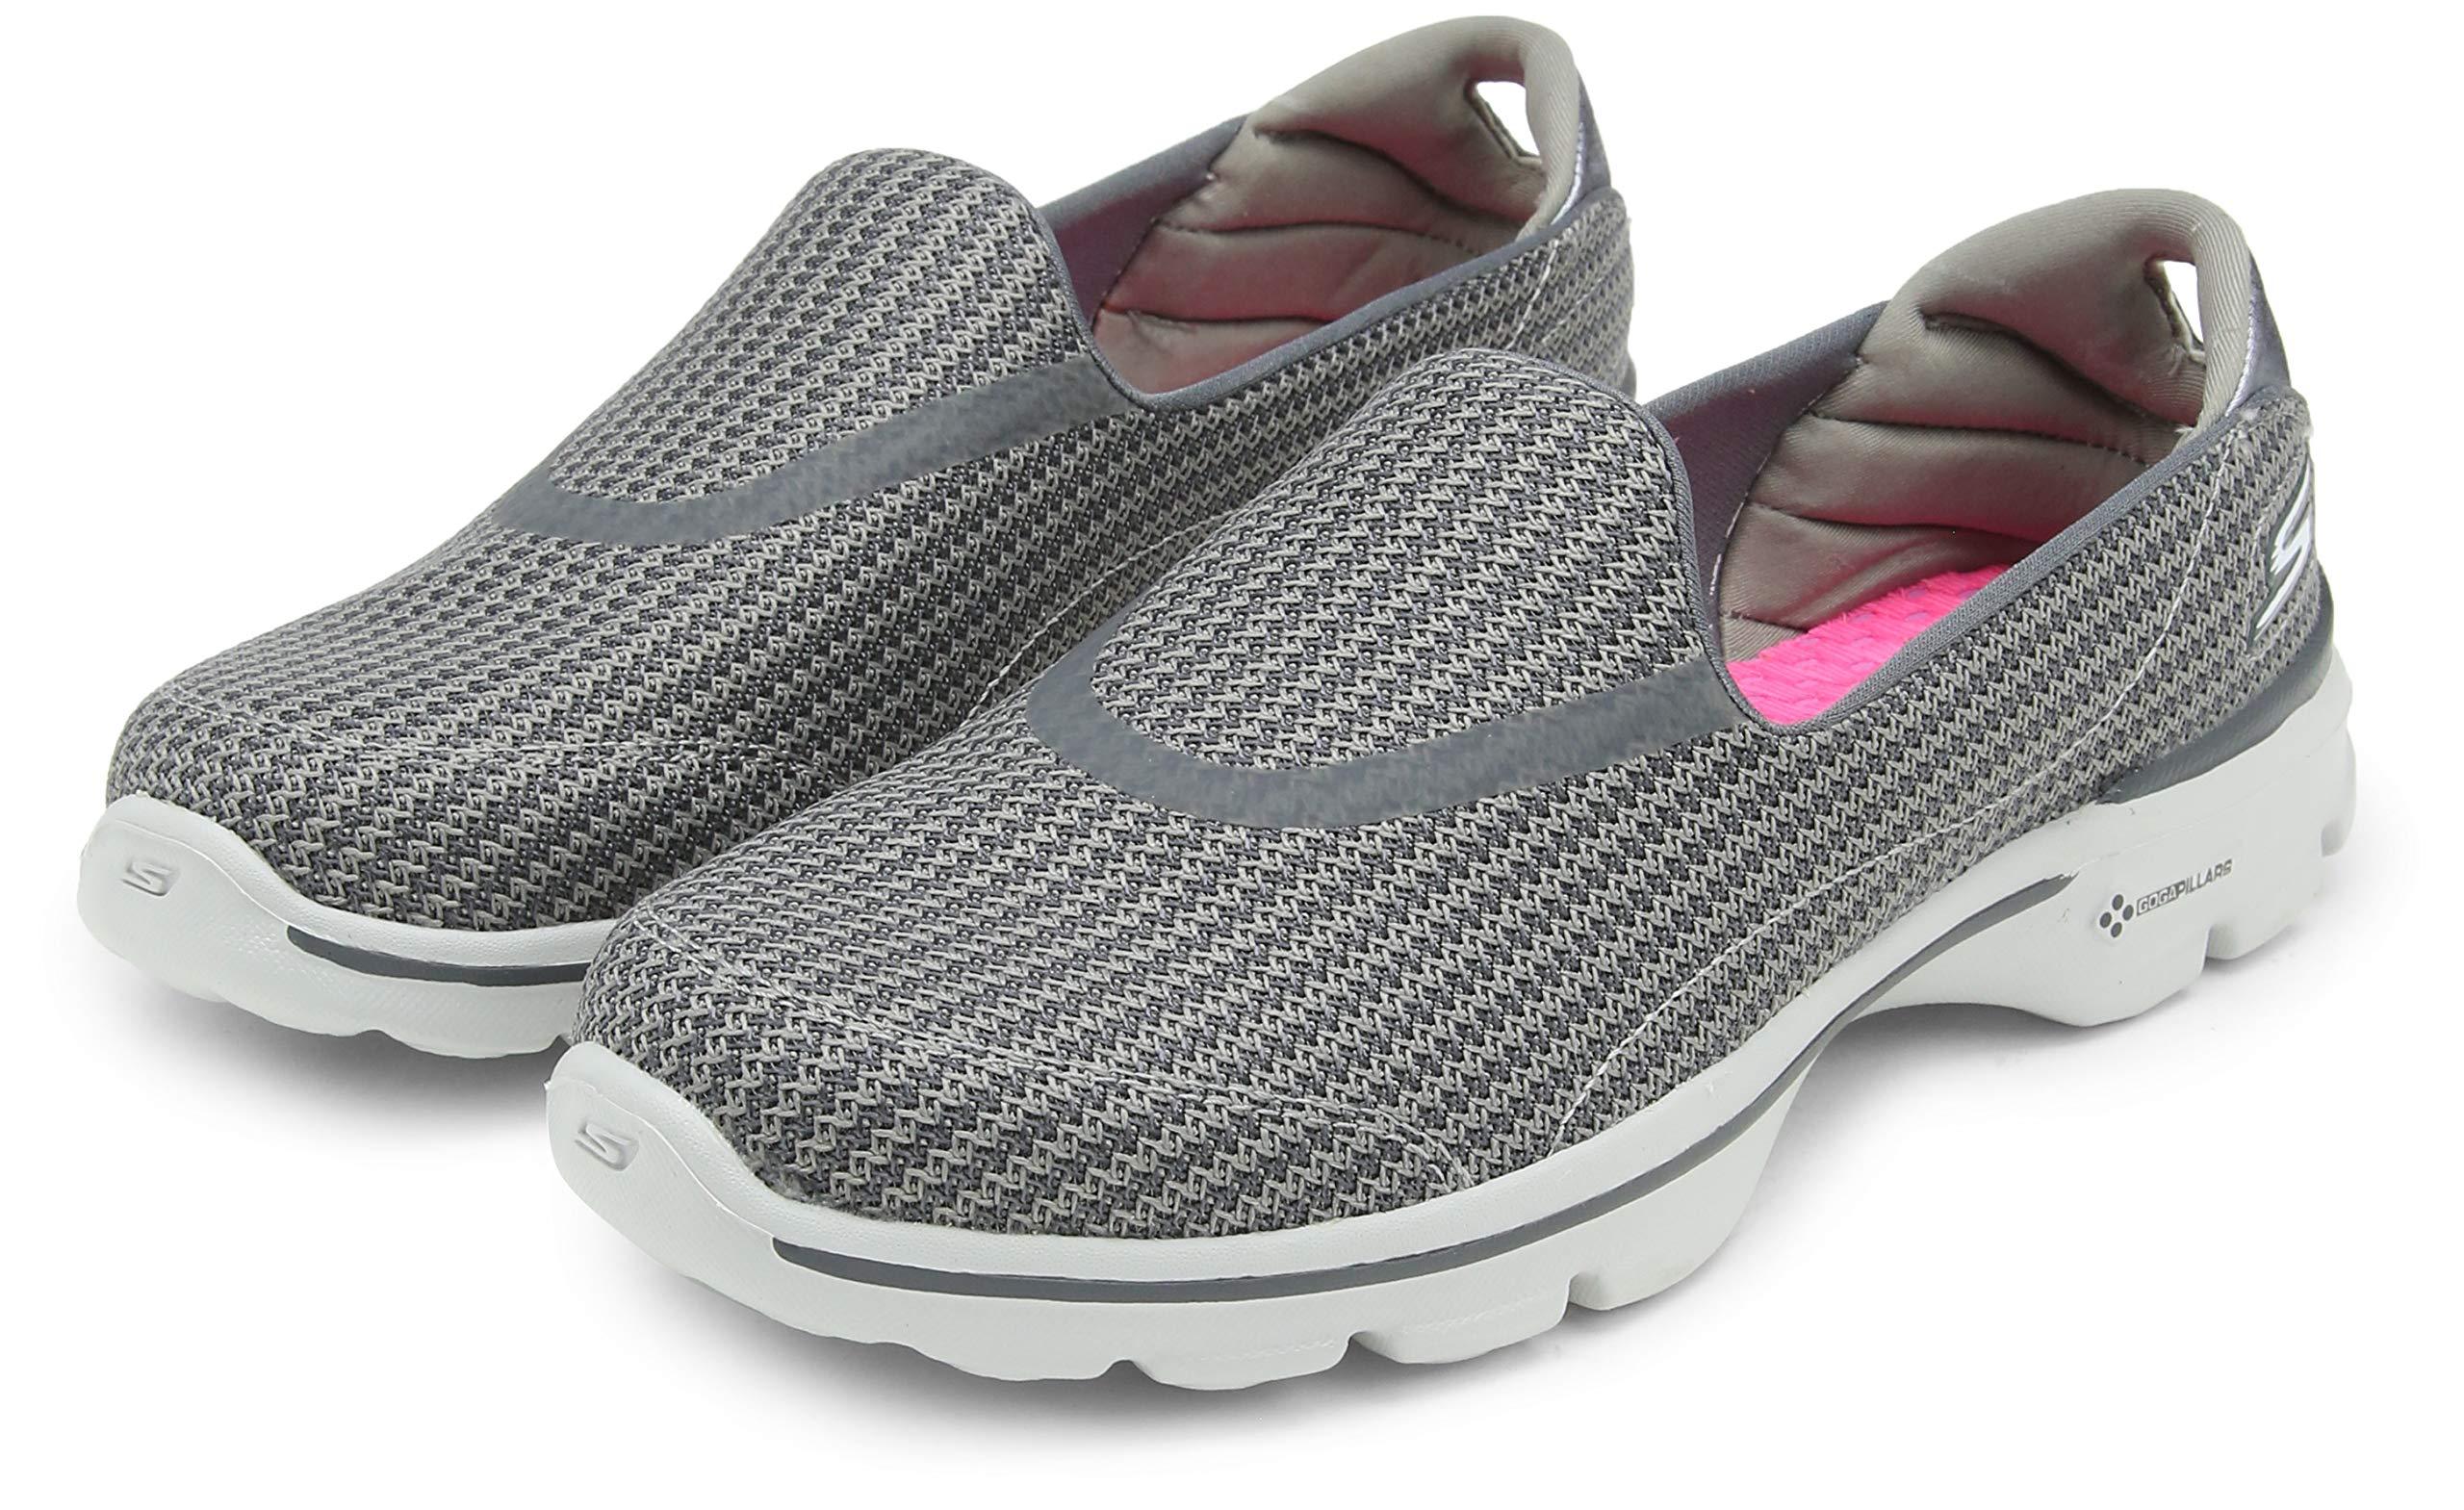 86f7be8313b1 Skechers Performance Women s Go Walk 3 Slip-On Walking Shoe ...